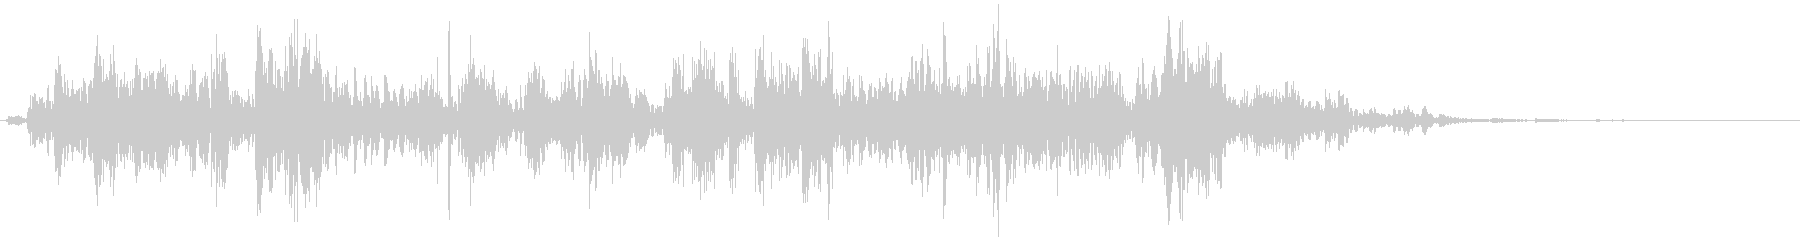 鎖を動かす音10【長い】の未再生の波形